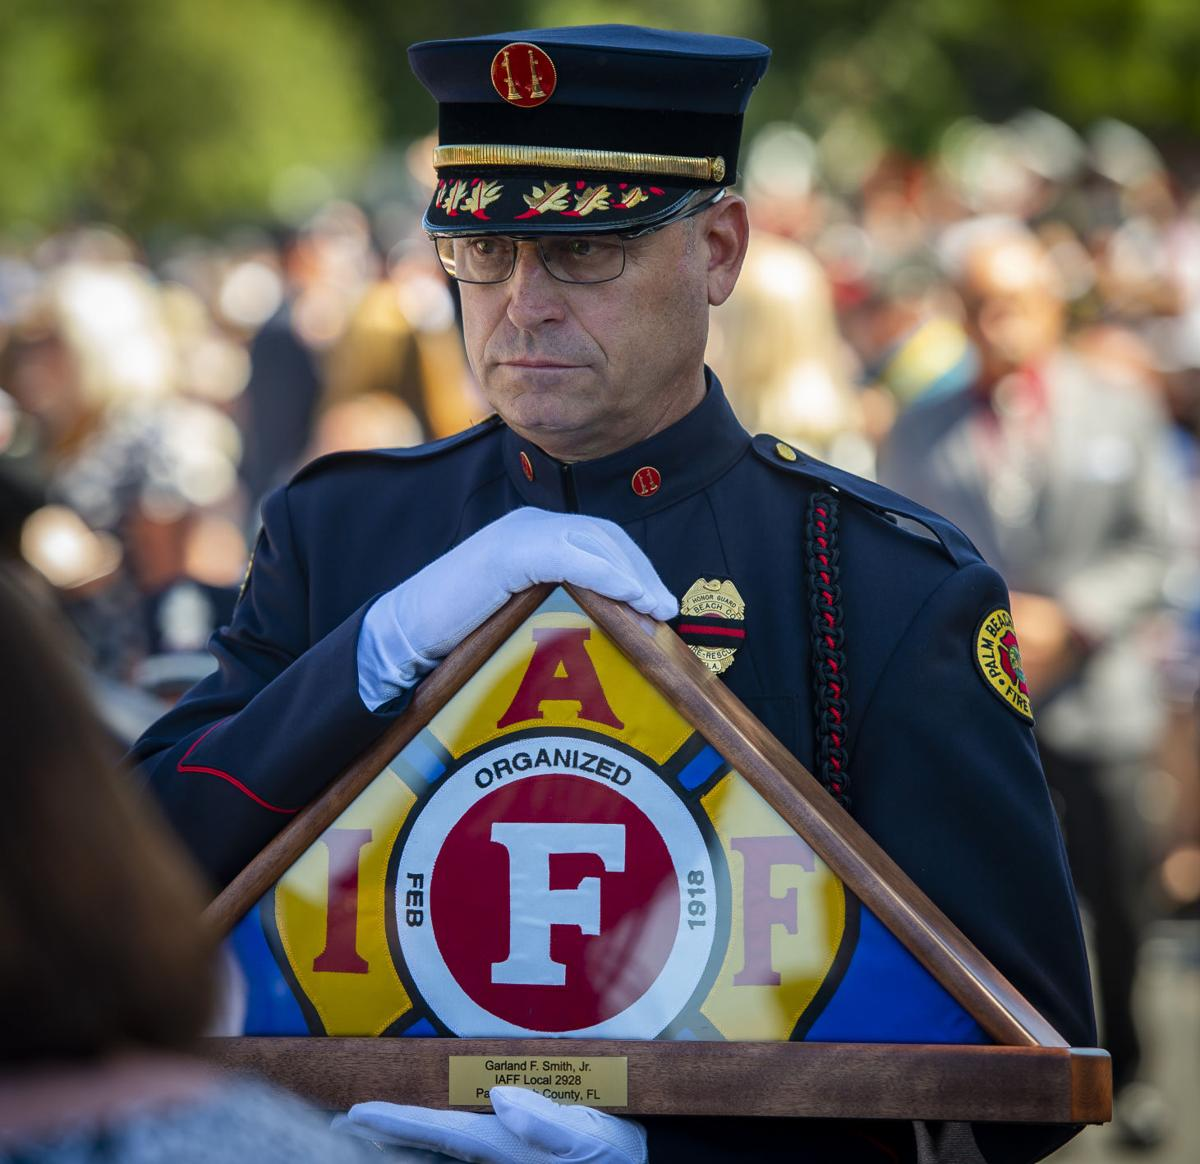 091618-news-firefighter 002